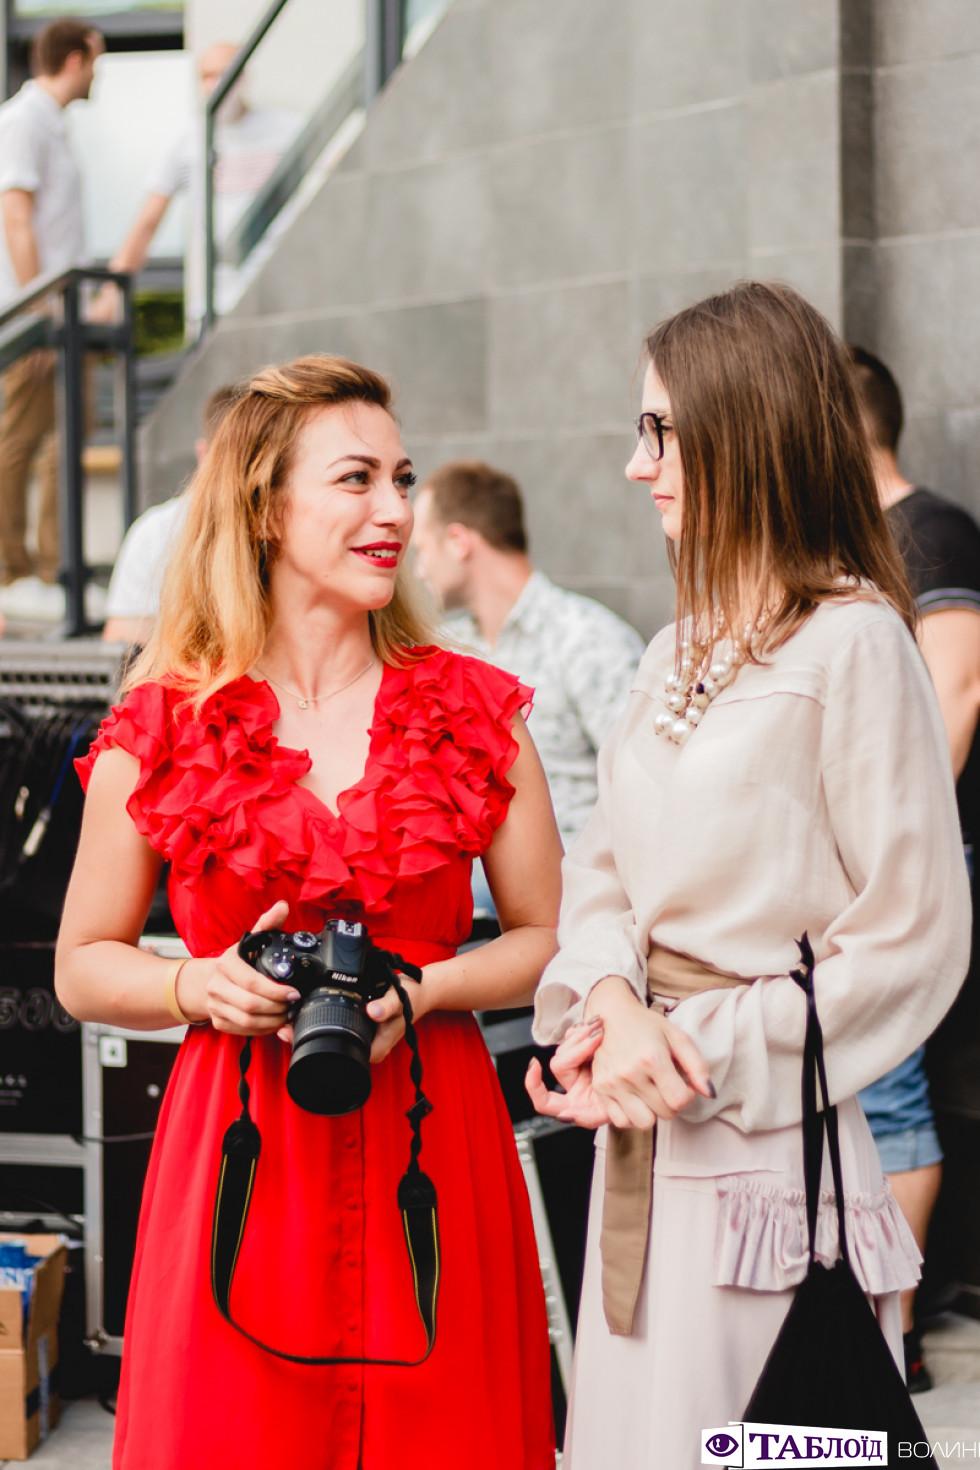 Відома виконавиця Sonya Kay розважала луцьку публіку під час Lutsk Fashion Weekend.